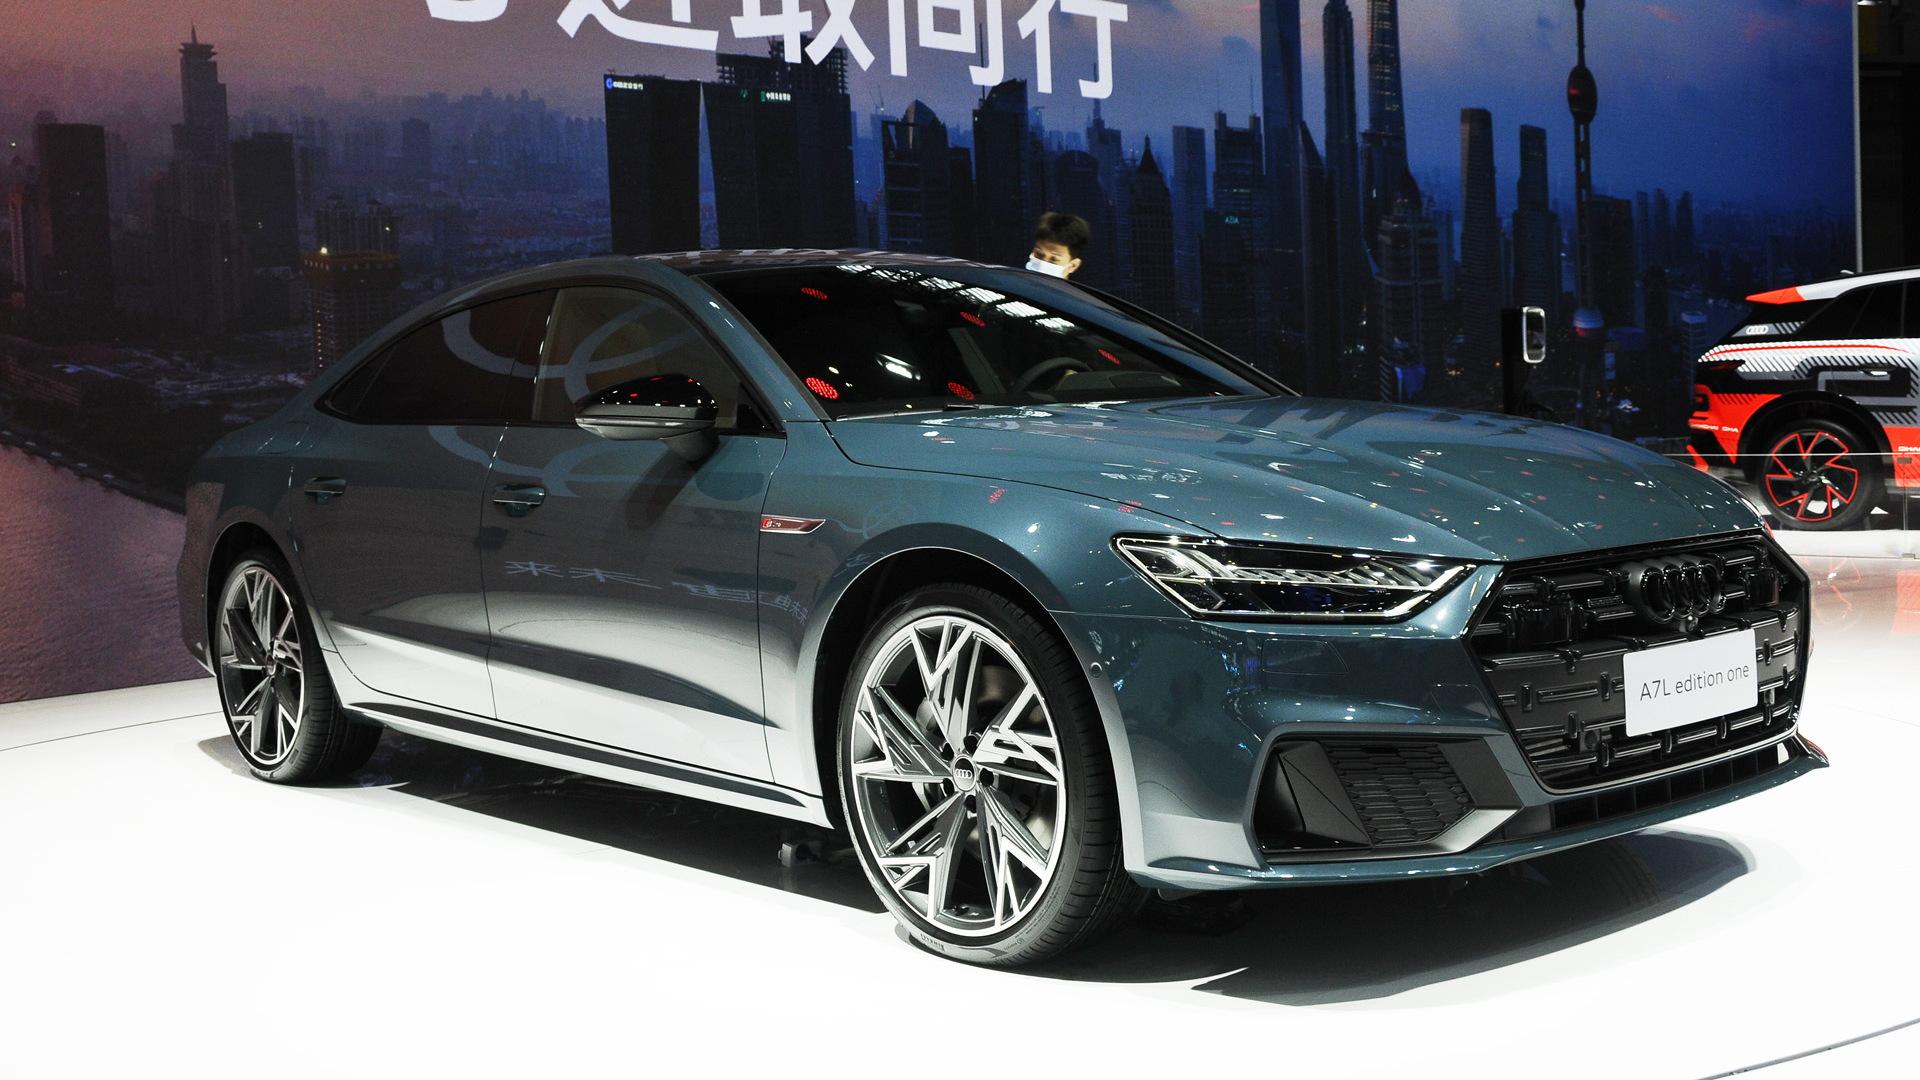 2021 Audi A7L